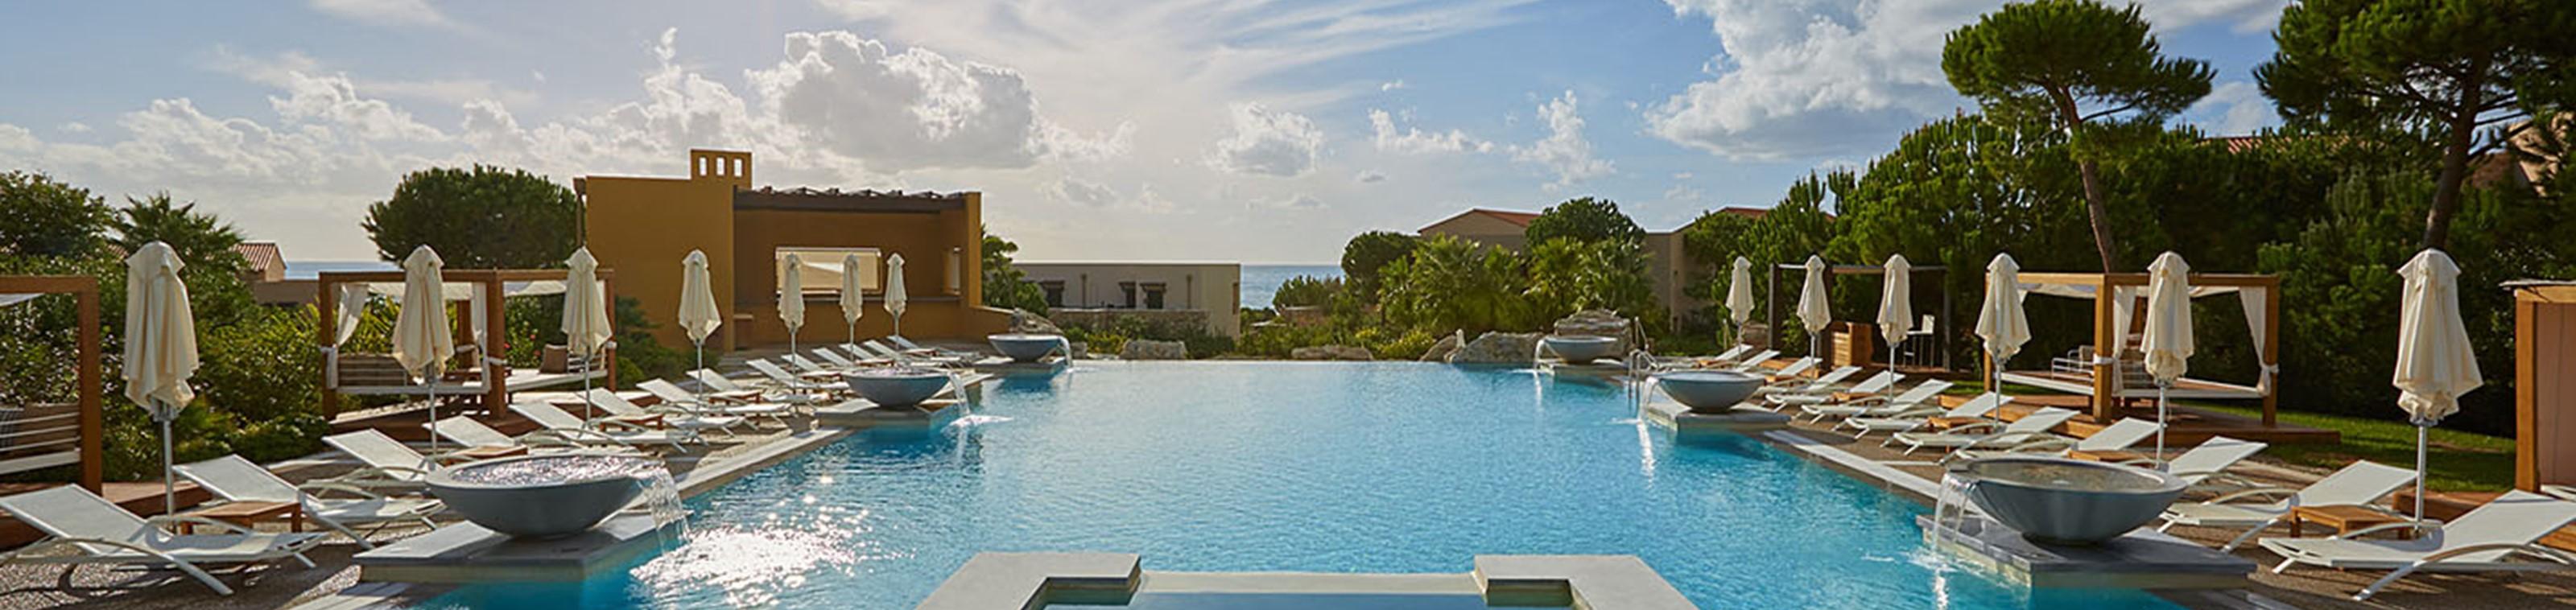 Vijfsterrenhotel op de Peloponnesos: The Westin Resort Costa Navarino